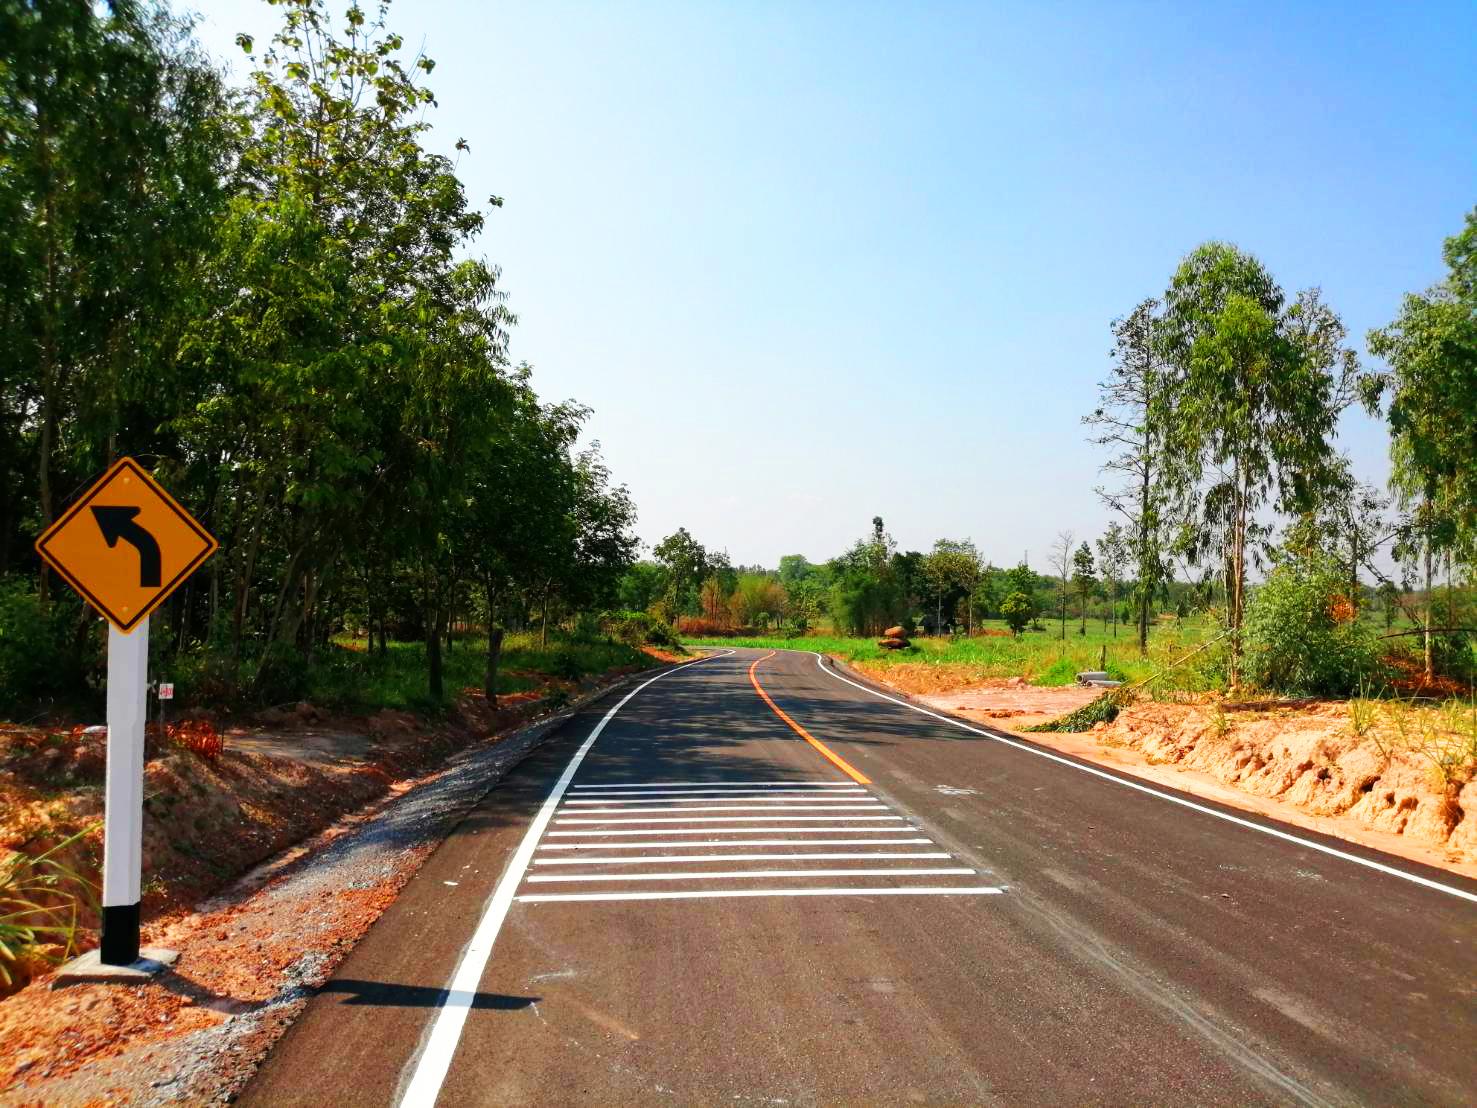 ตัวช่วย! กรมทางหลวงชนบทบรรเทาความเดือดร้อนช่วงฤดูแล้ง-ฝน สร้างถนนเชิงลาดสะพานข้ามลำน้ำลำพะเนียง จ.หนองบัวลำภู เสร็จแล้ว